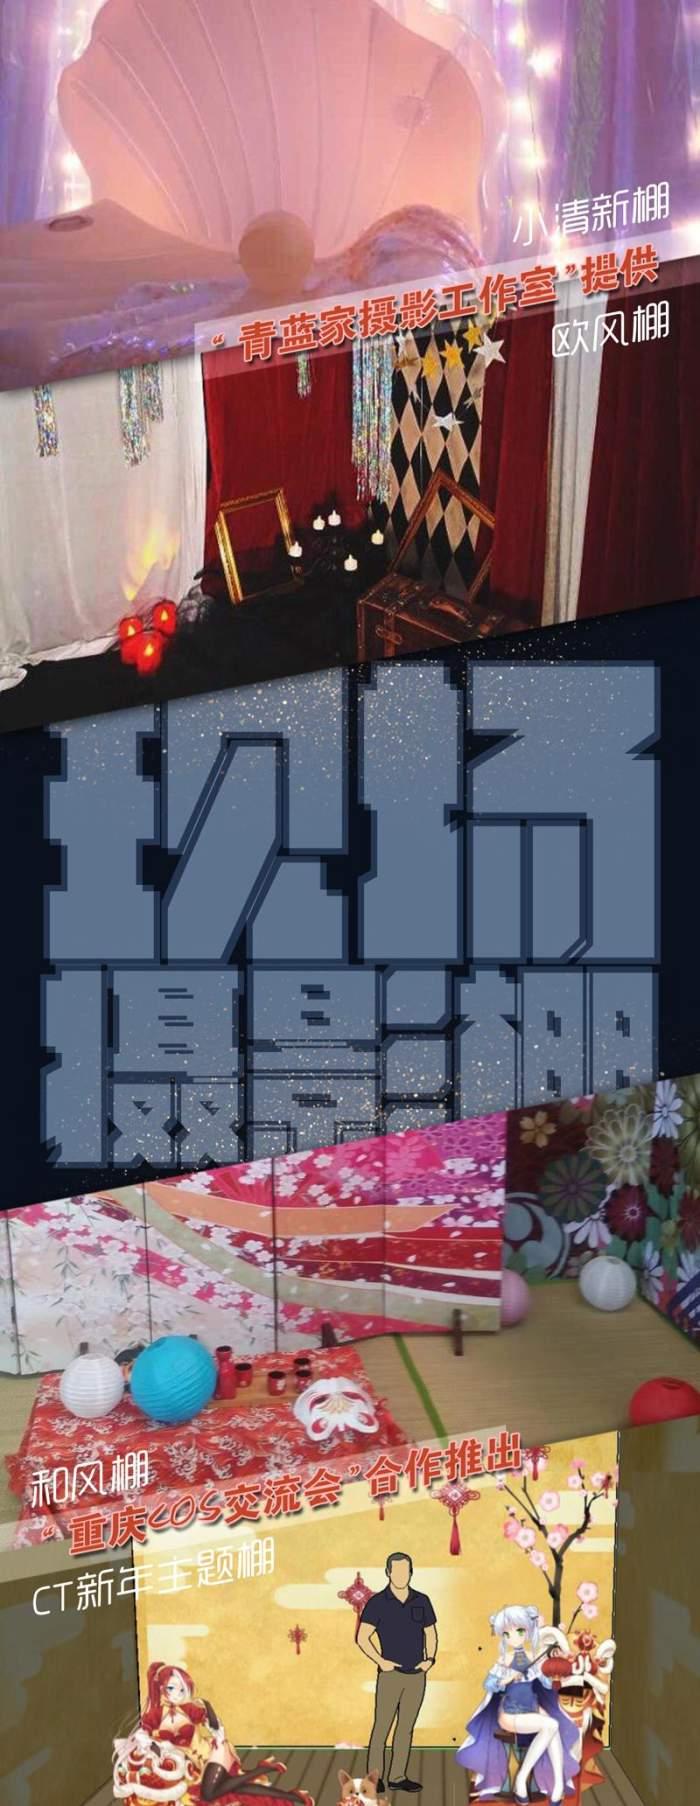 2月3-4日第17届ComiTime雾都同人祭, 风里雨里寒假等你~ 漫展 第6张